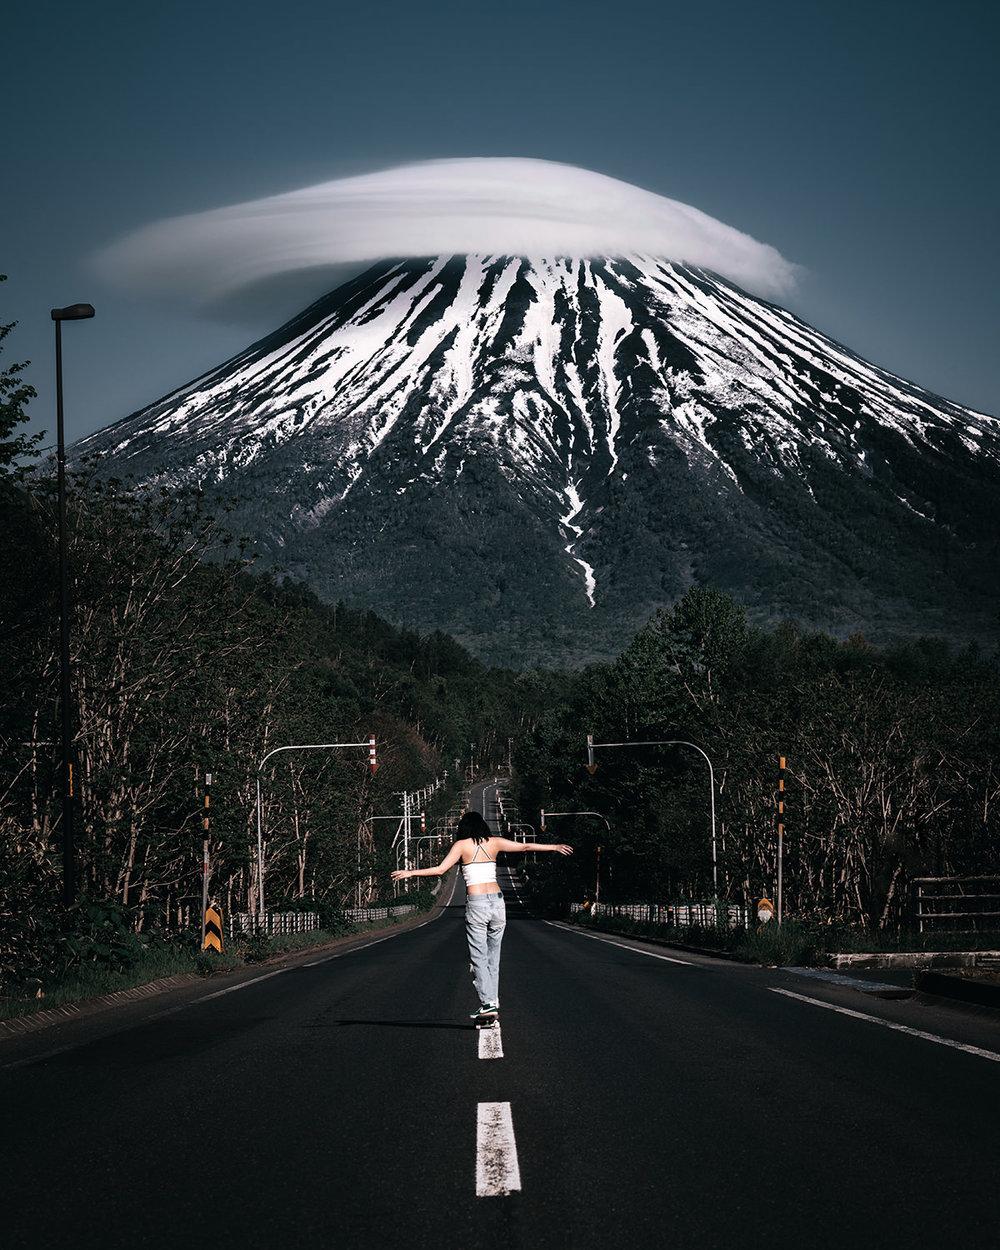 RK-street-foto-giappone-04.jpg